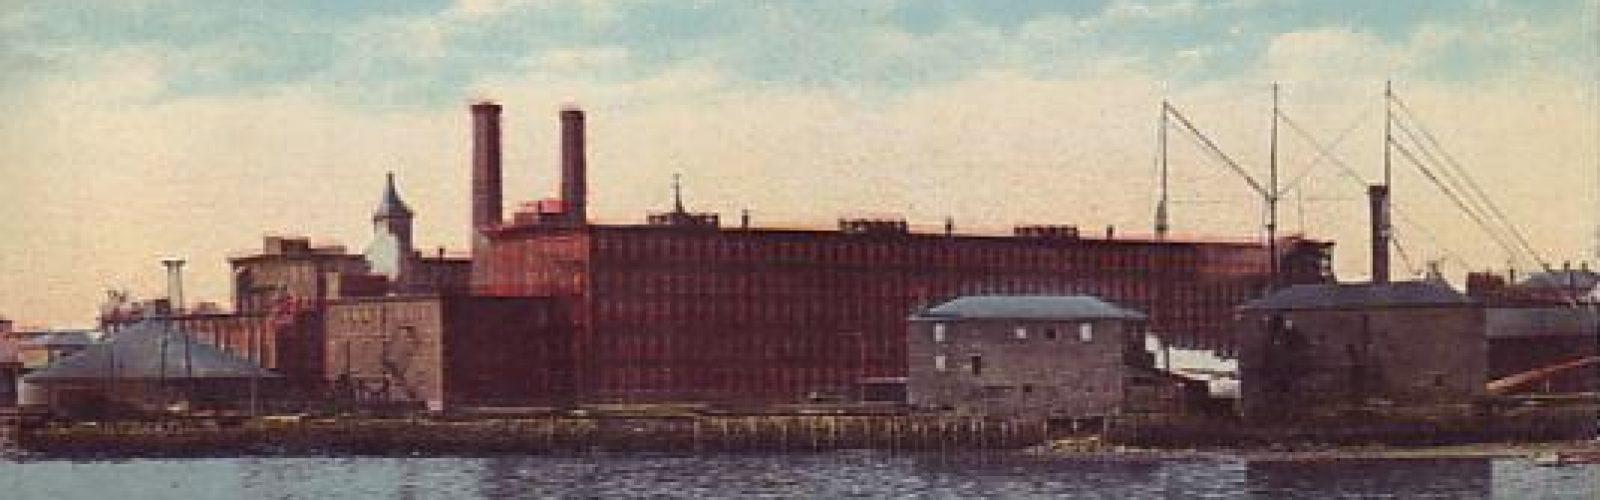 Naumkeag Steam Cotton Company Plant